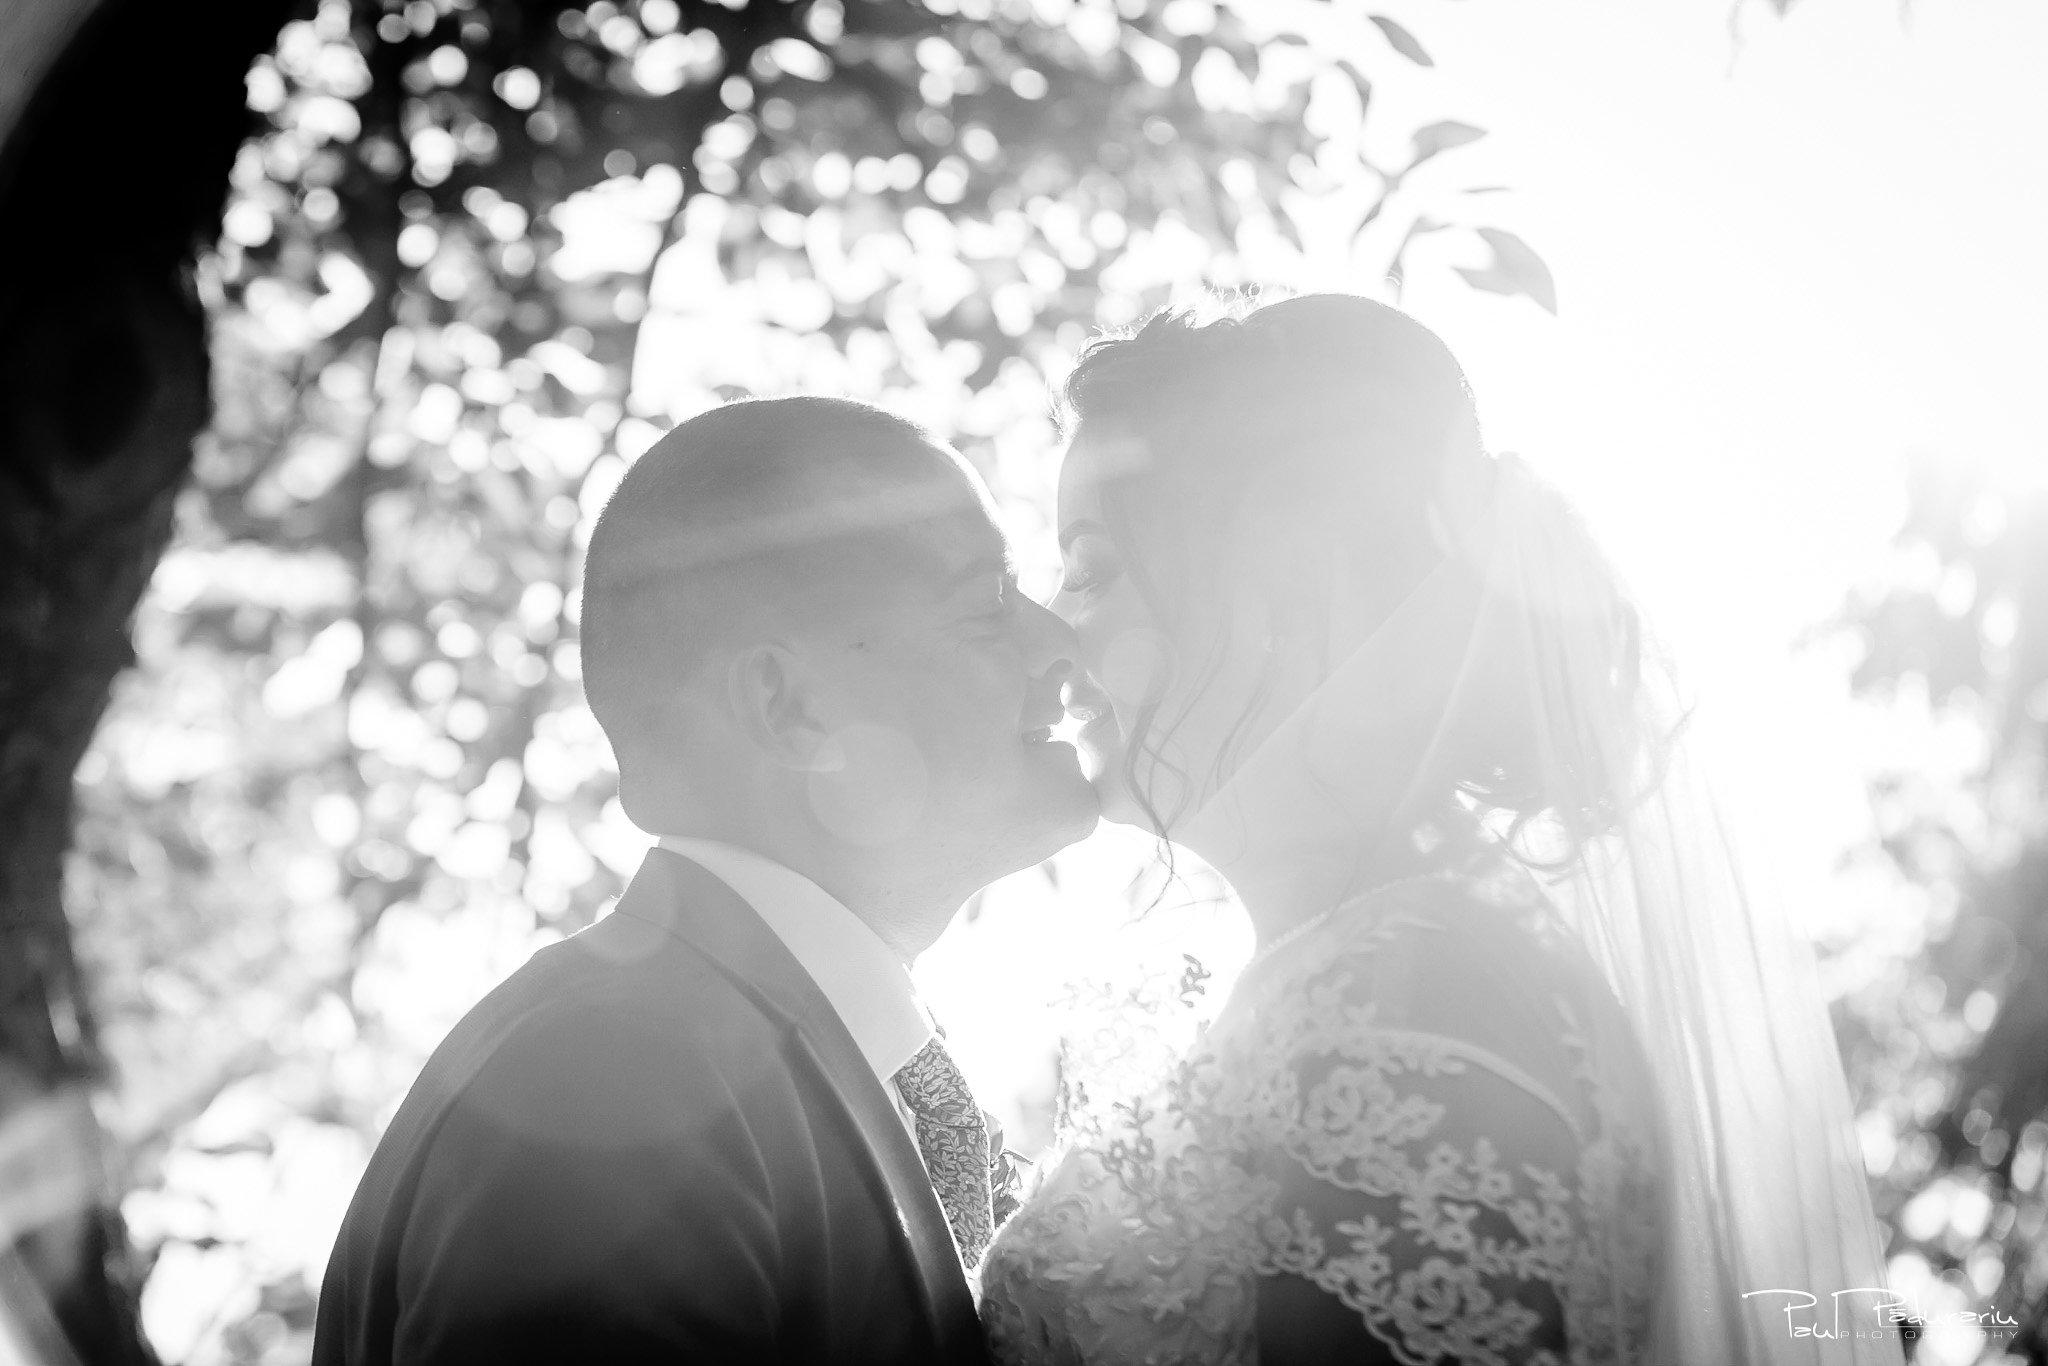 Sedinta foto nunta iasi fotograf profesionist paul padurariu - nunta la Castel Ana-Maria si Marius www.paulpadurariu.ro © 2018 Paul Padurariu 3